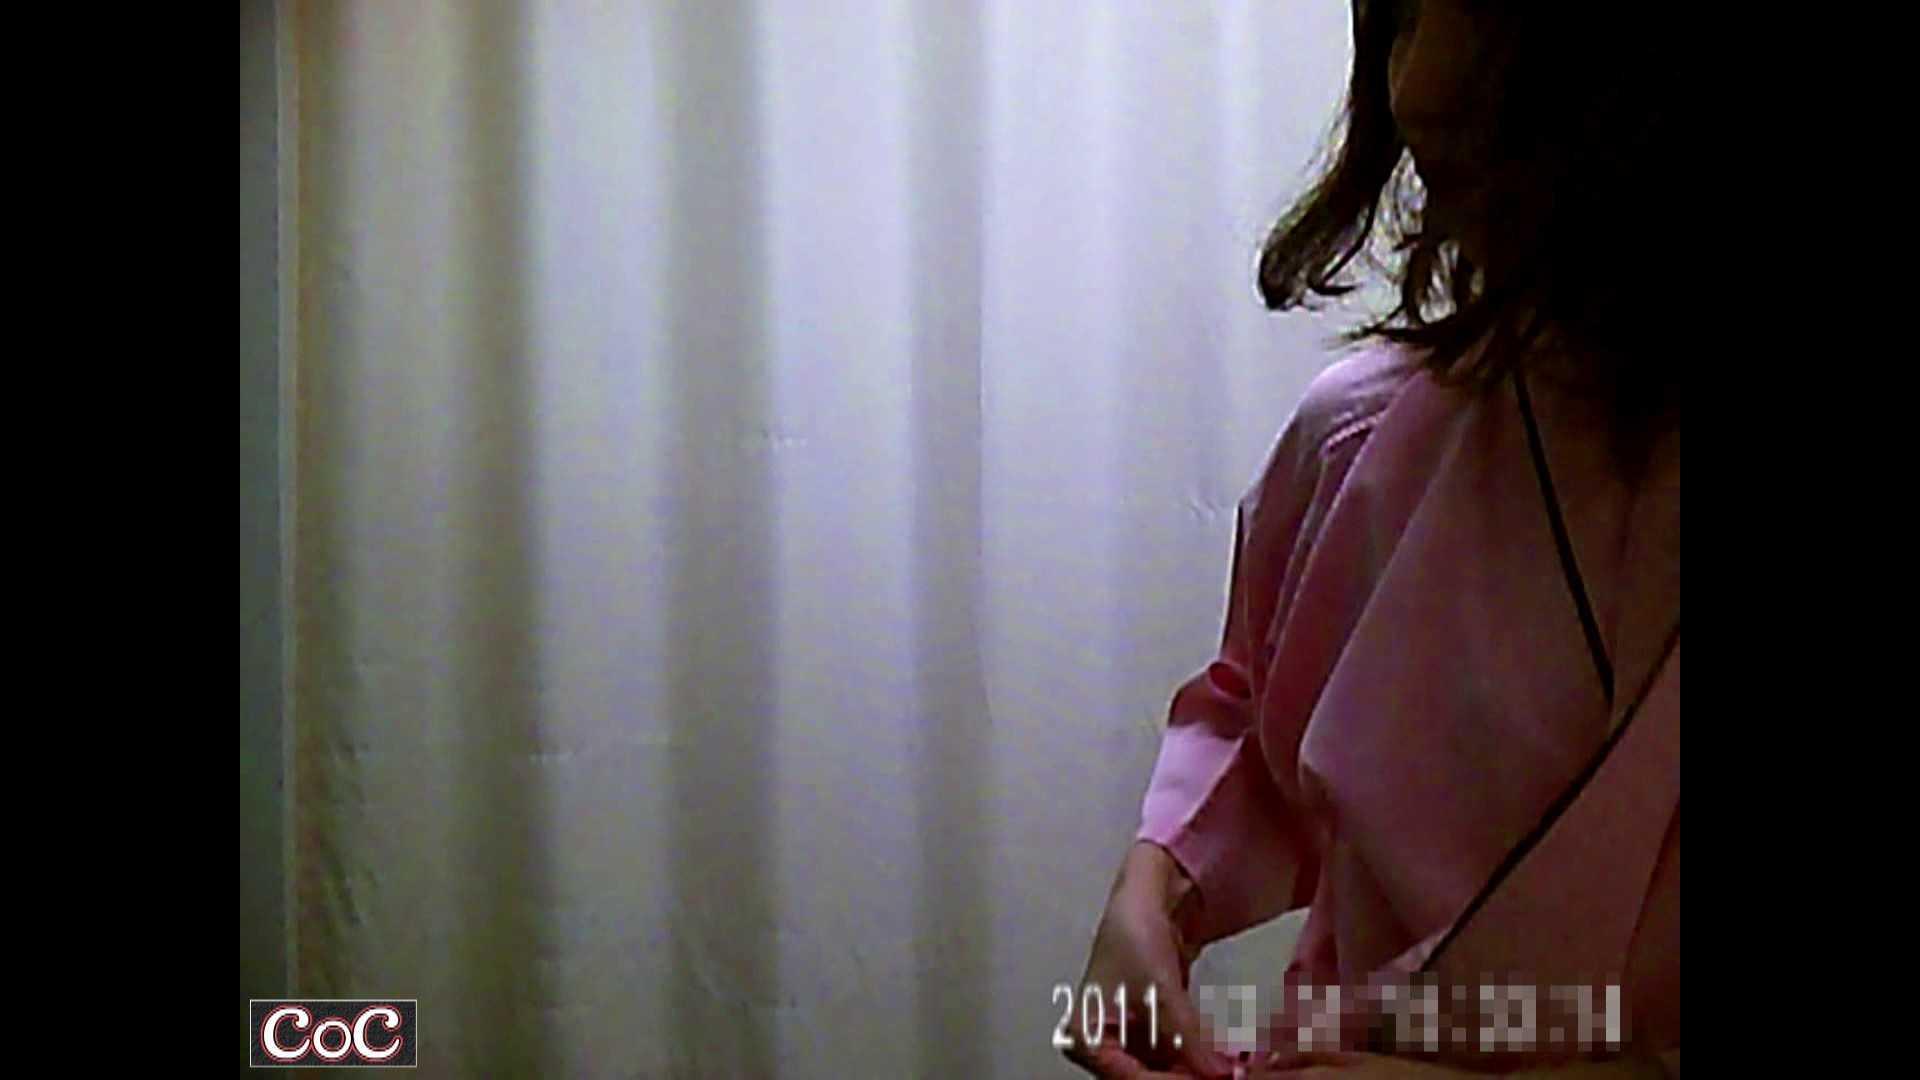 病院おもいっきり着替え! vol.107 巨乳 AV動画キャプチャ 85画像 14